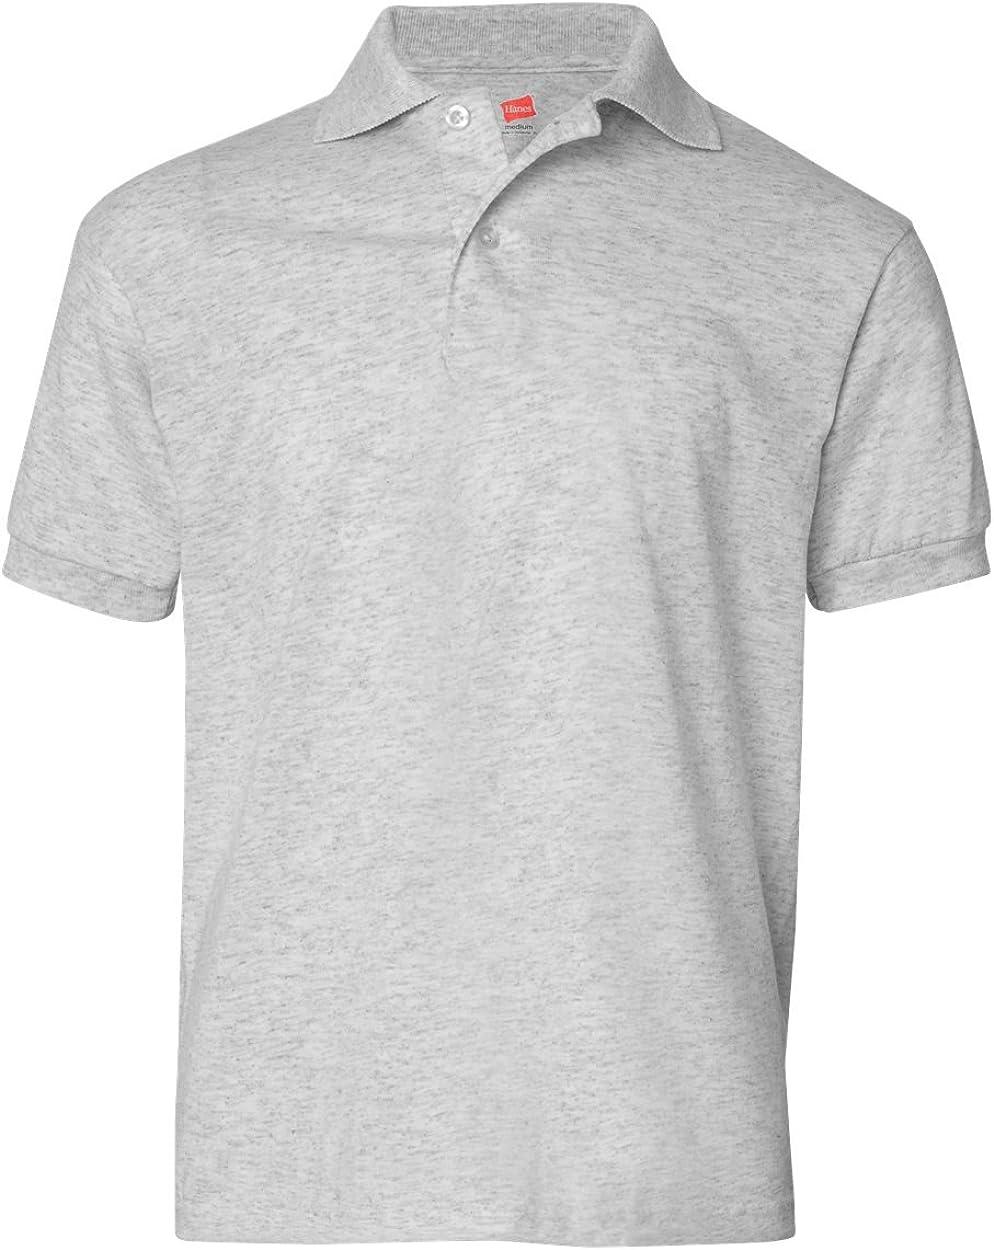 Hanes Boys Cotton-Blend Jersey Polo